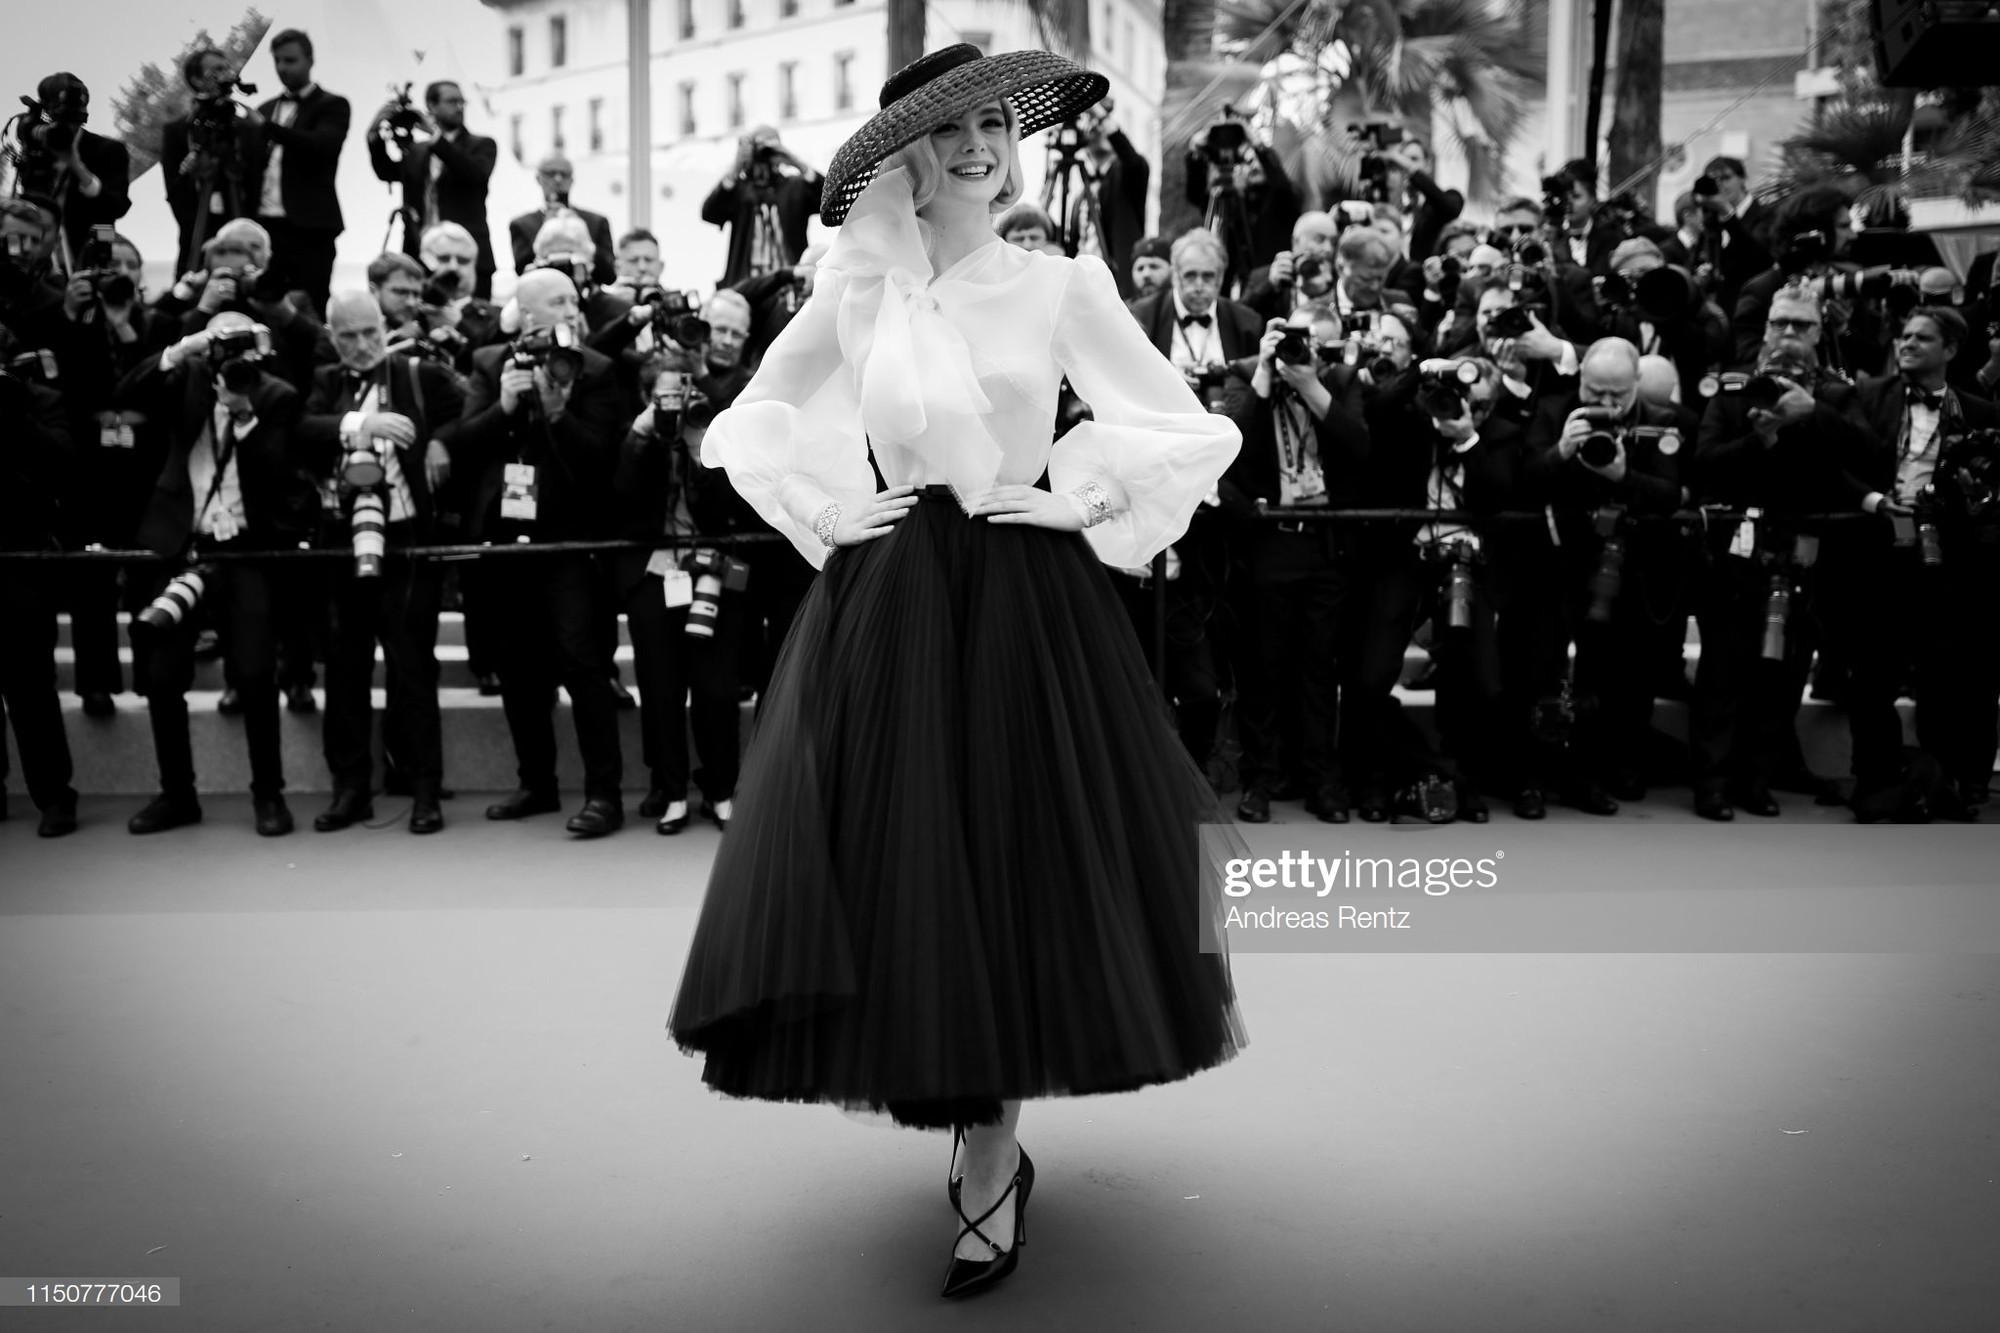 Top khoảnh khắc đắt giá nhất Cannes 2019: Dàn mỹ nhân 9X bất ngờ chiếm đa số, Selena và cặp đôi Brooklyn ấn tượng mạnh - Ảnh 12.